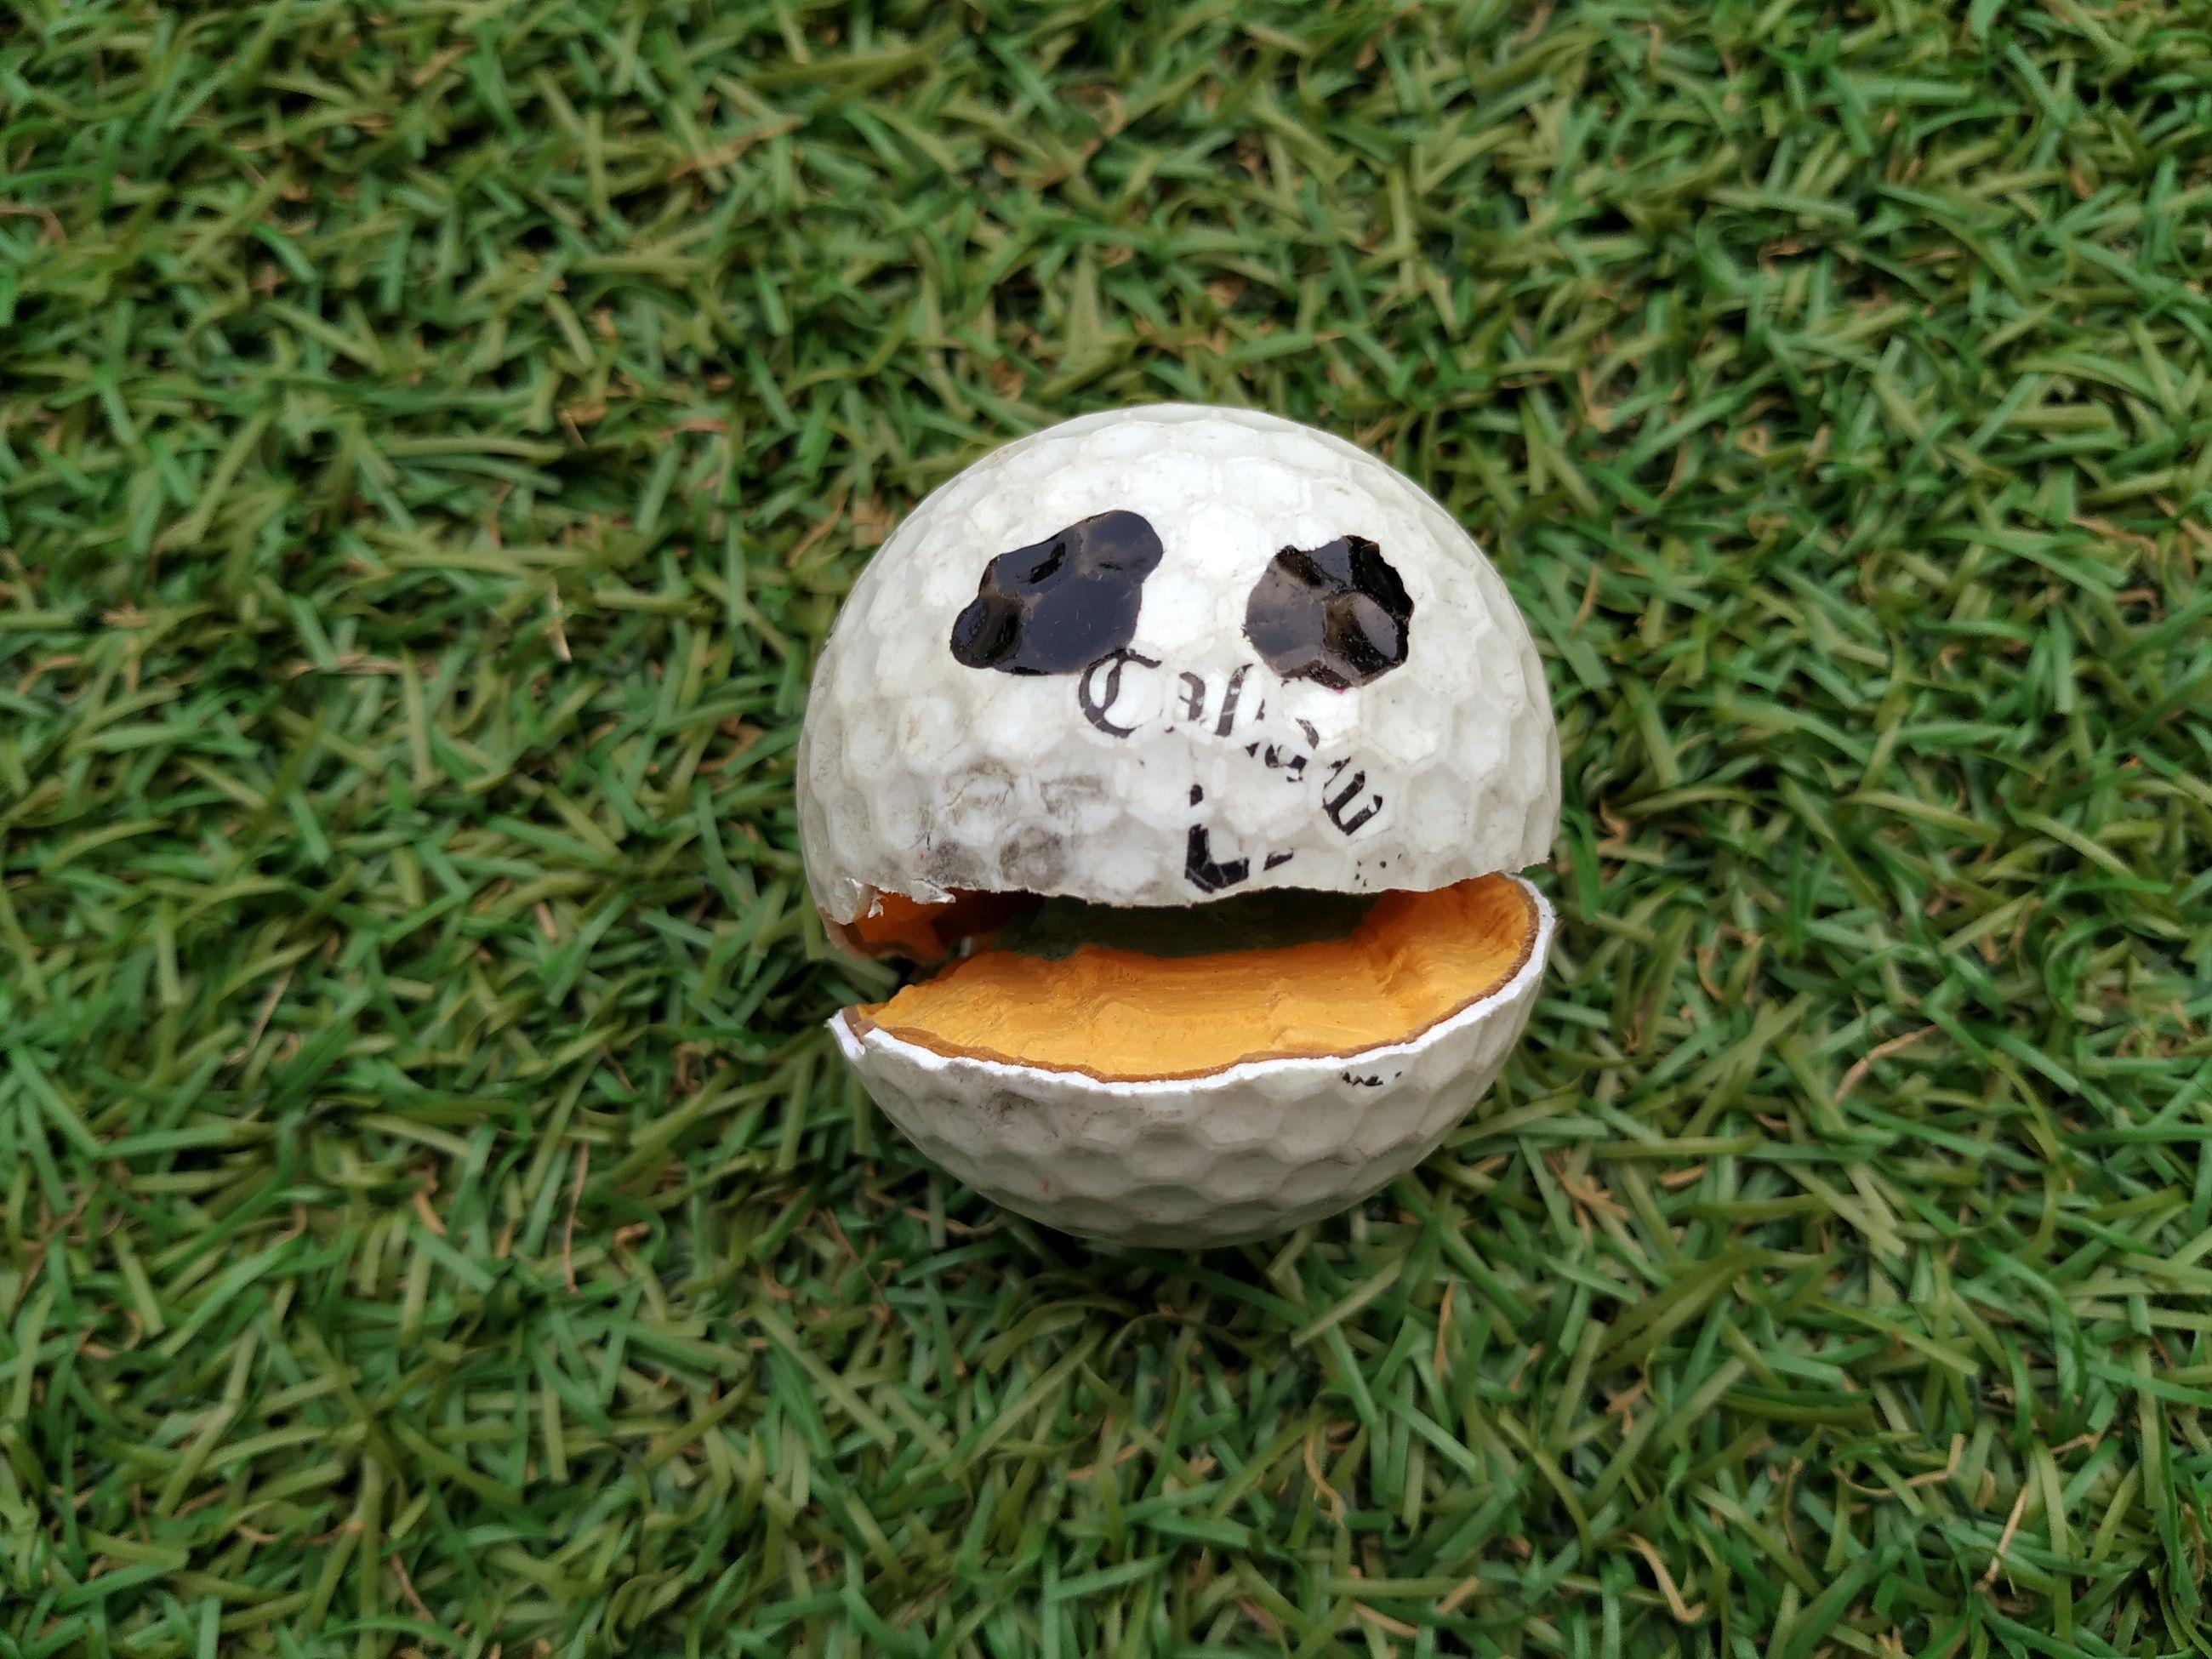 HIGH ANGLE VIEW OF BALL ON GROUND